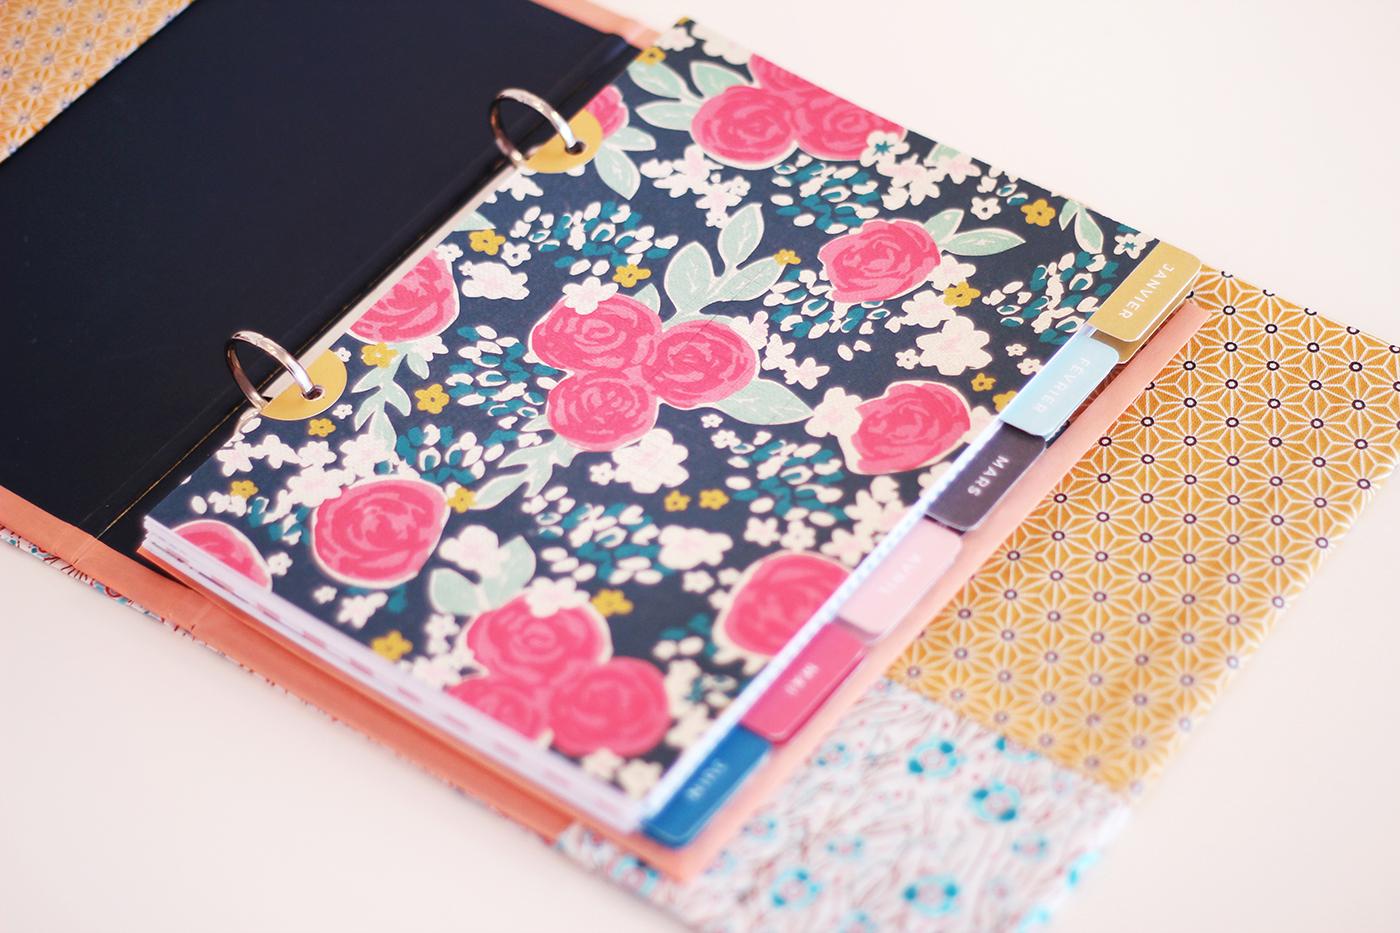 Papier à motif agenda diy - Juliette blog féminin (2)